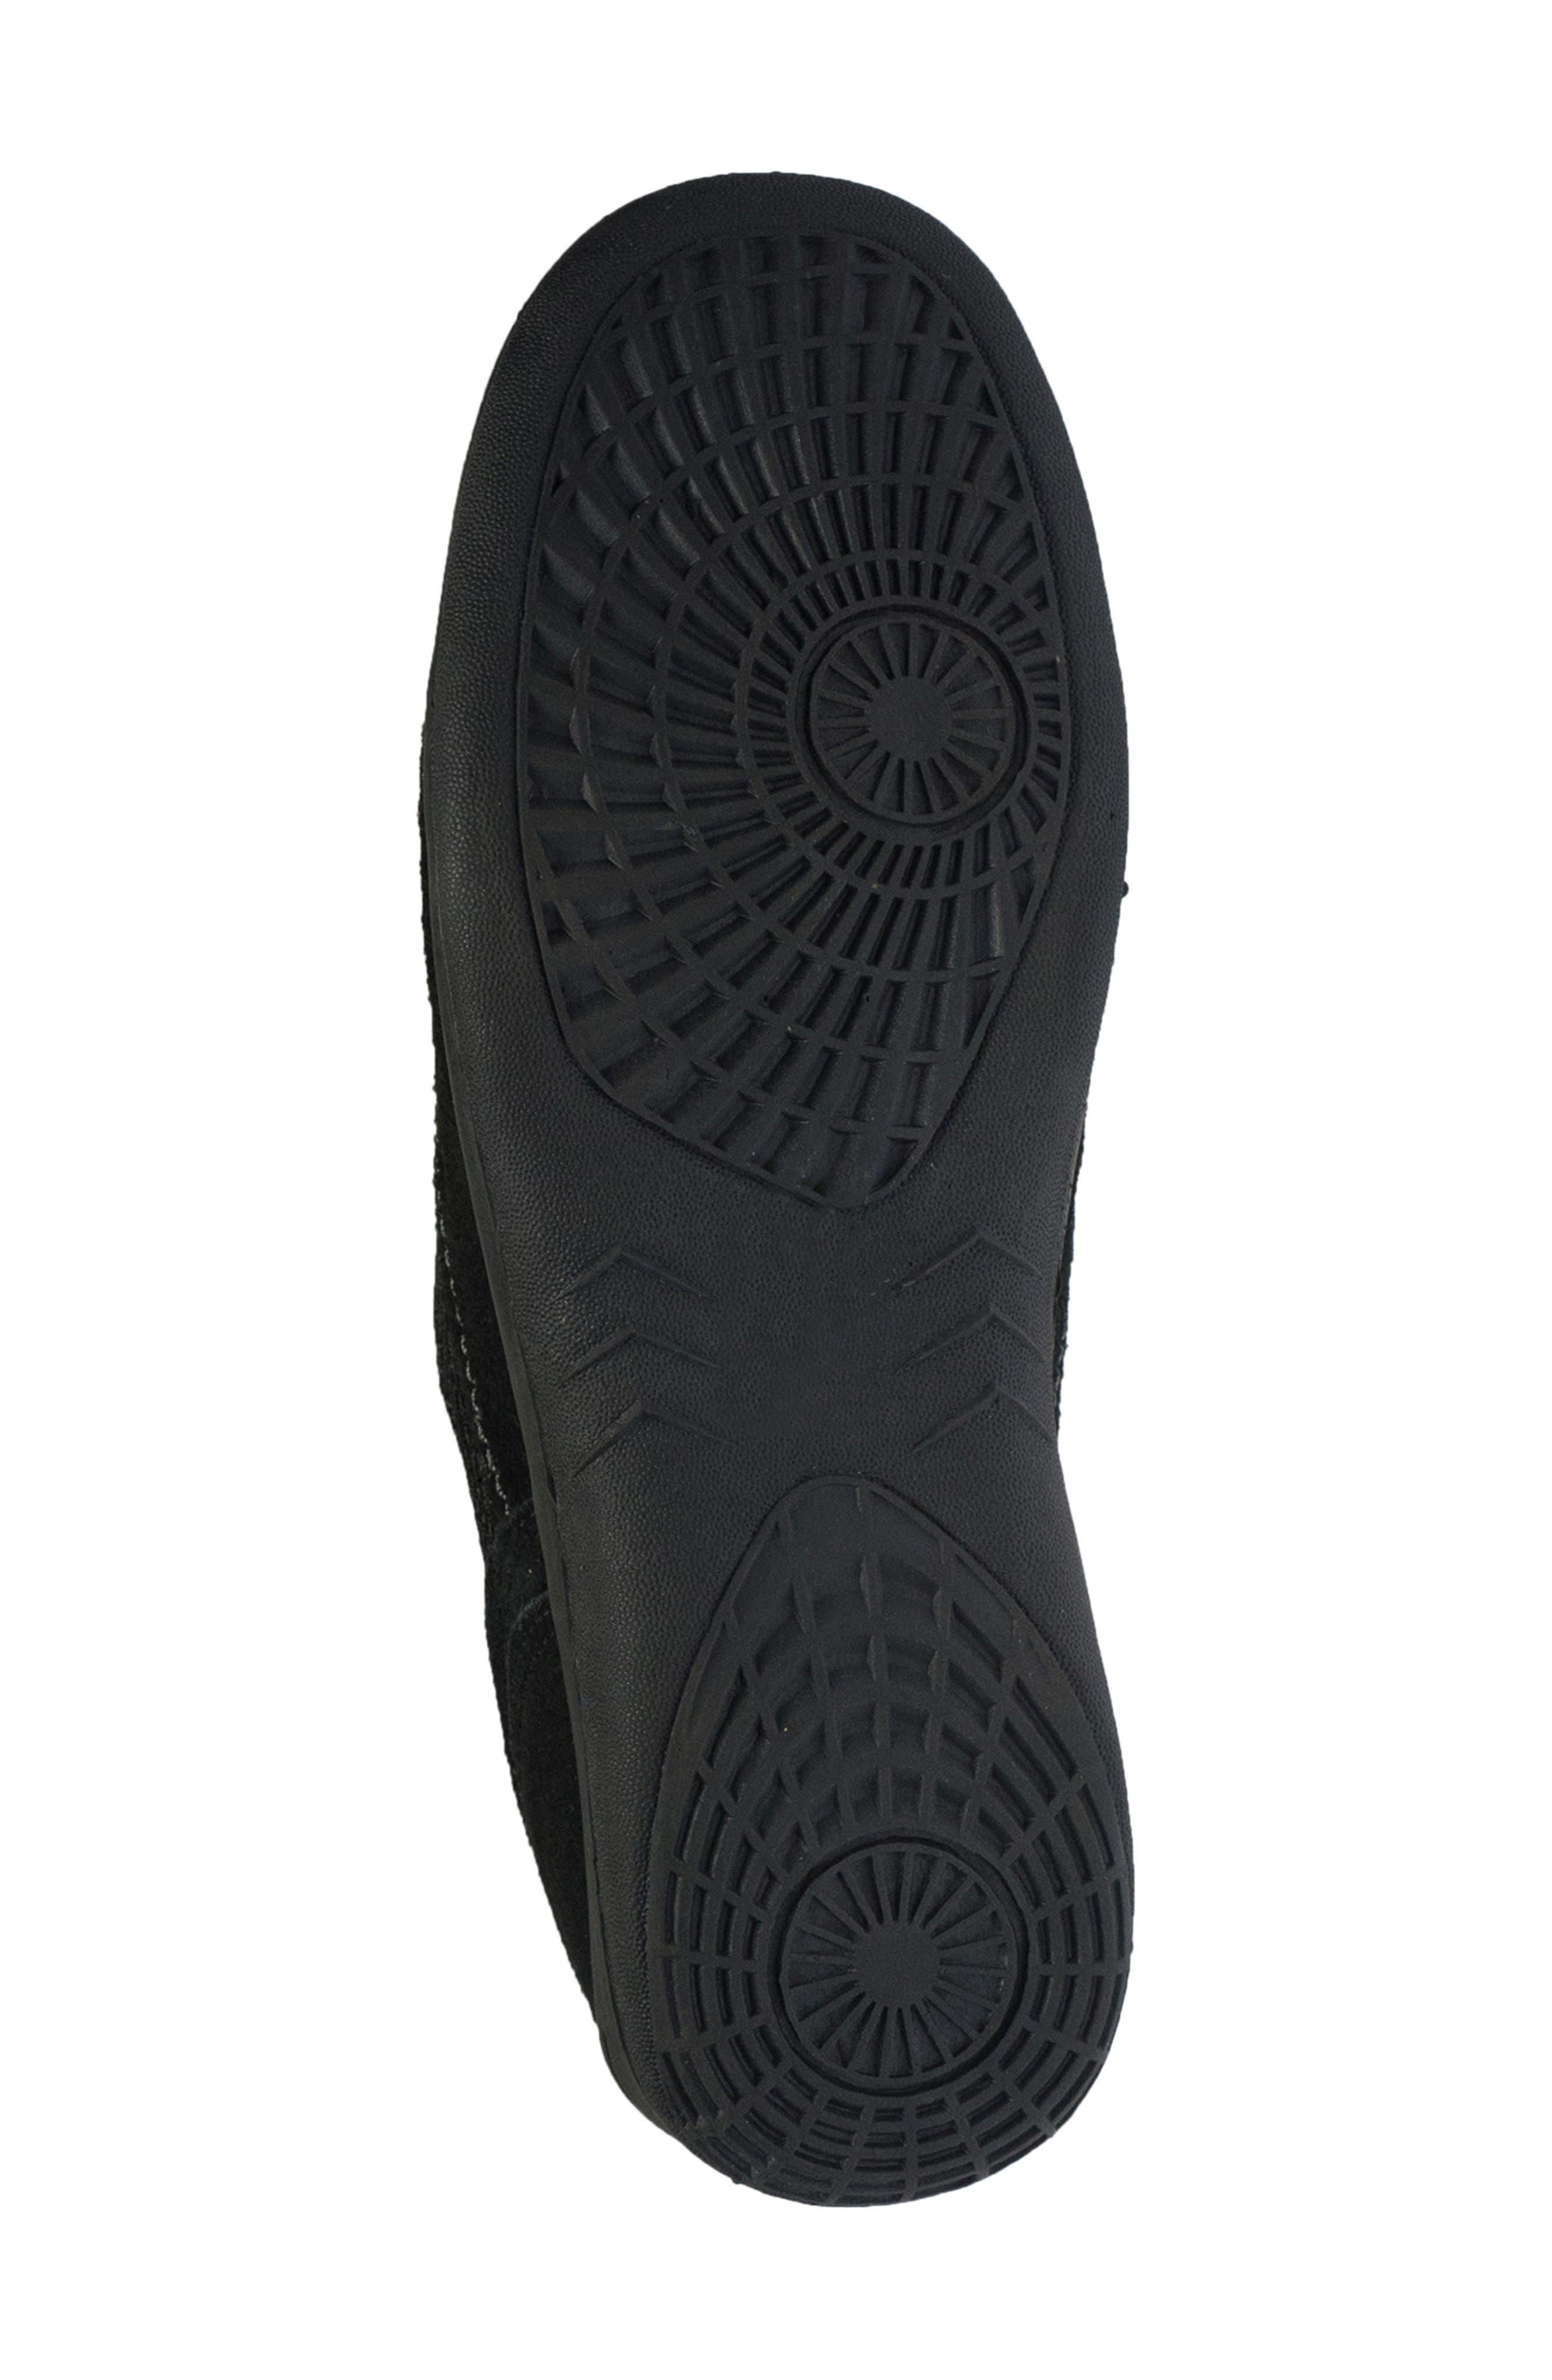 Racer Slip-On Sneaker,                             Alternate thumbnail 5, color,                             BLACK LEATHER